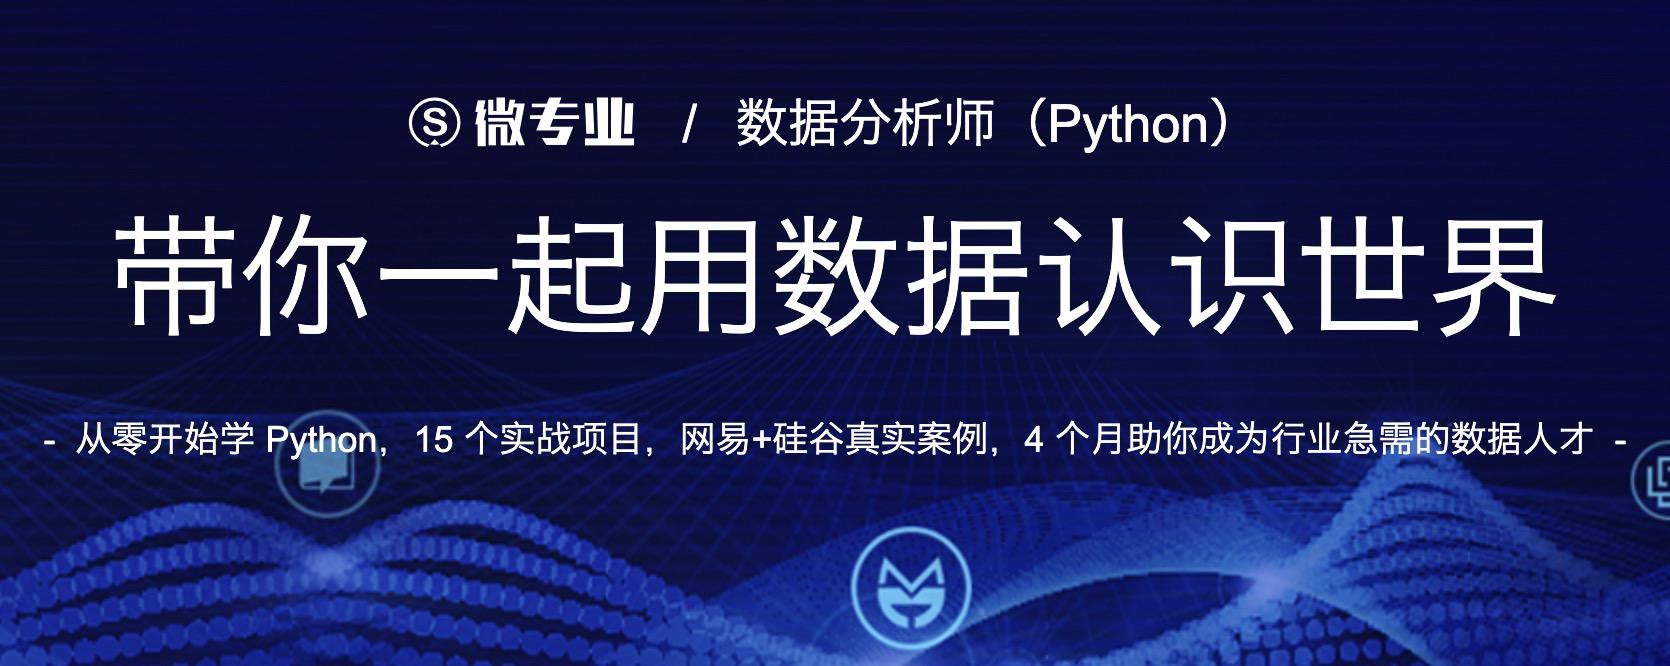 网易云课堂的微专业数据分析师python